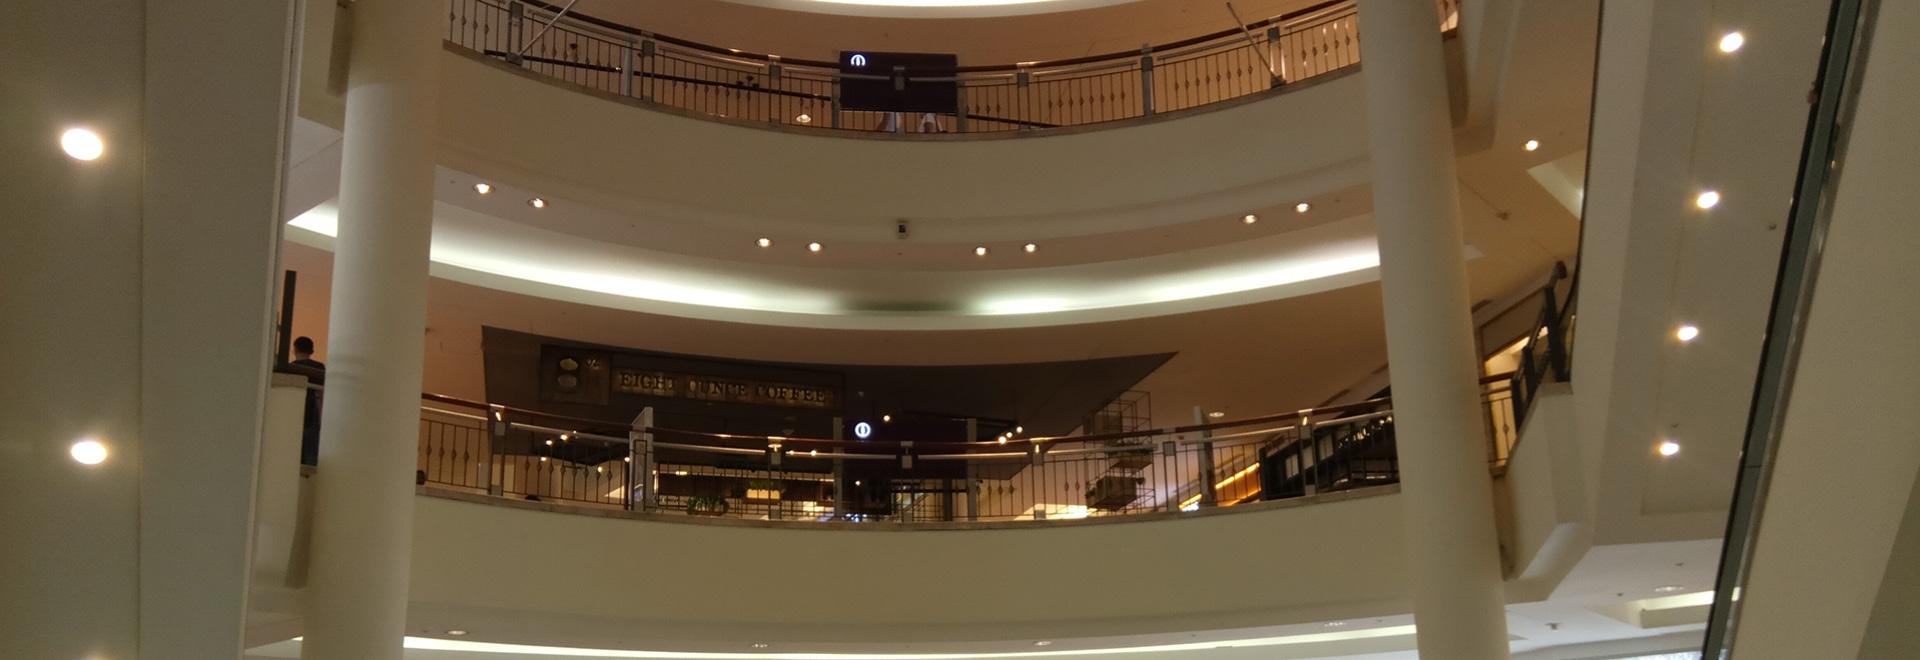 Downlight ottico profondo del riflettore di Darklight per il centro commerciale